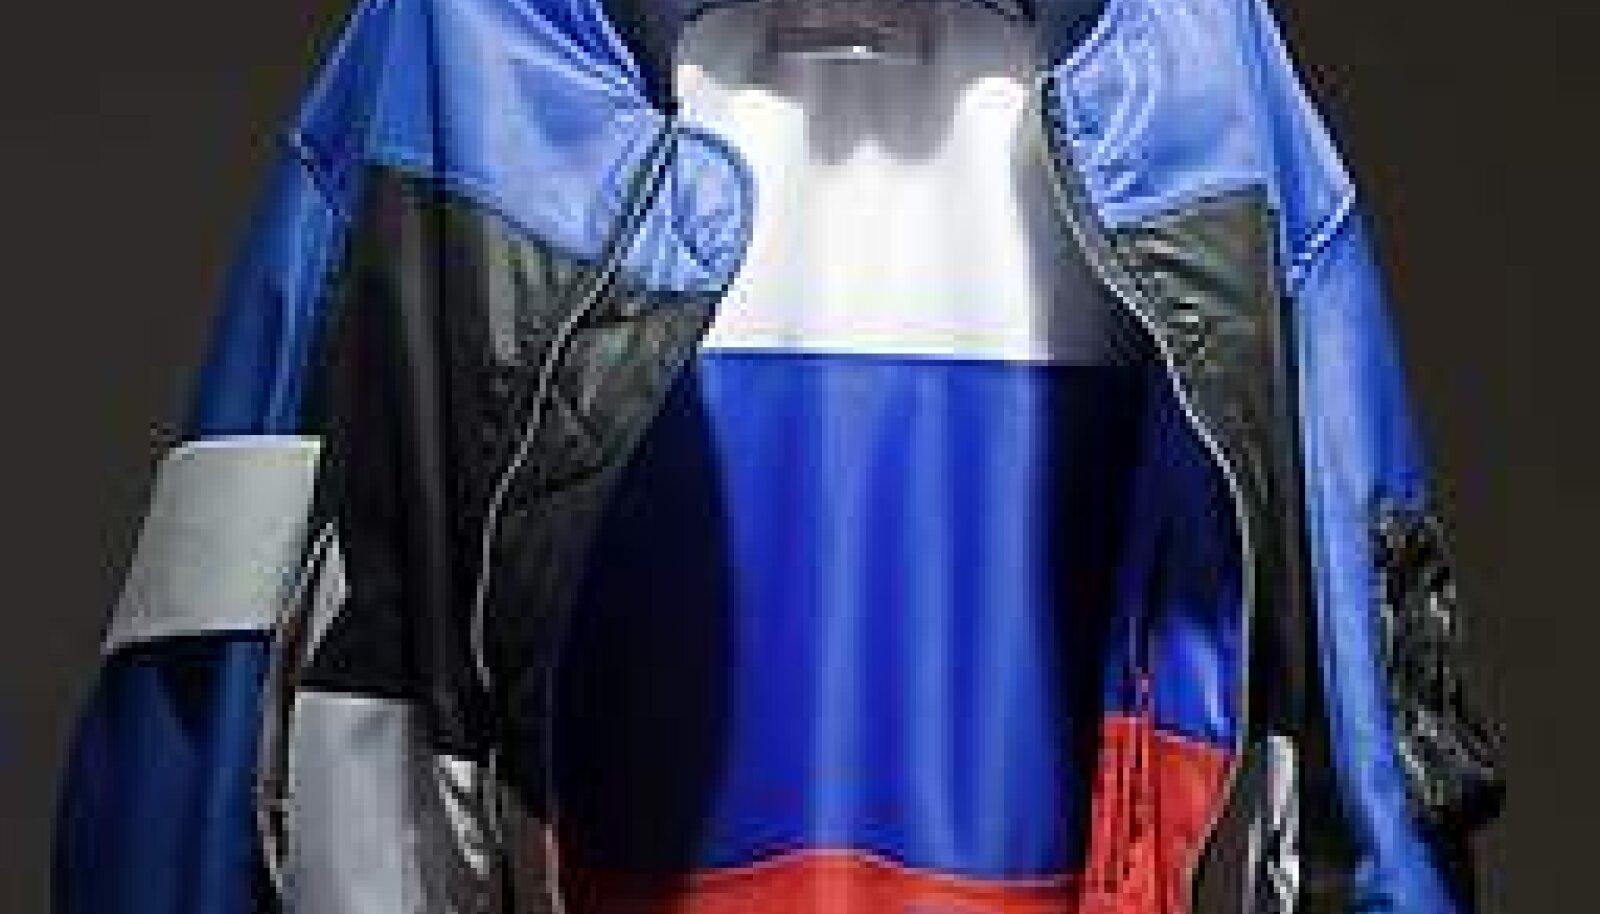 """ÄRGEM UNUSTAGEM: Putini-Medvedevi Venemaa ei ole kommunistlik, vaid läbinisti kapitalistlik ja rahvuslik totaalriik. Fotol Soome kunstnik John Philip Mäkineni pronksiööst inspireeritud teos """"Children of the Revolution"""" (2007). Reimo Võsa-Tangsoo"""